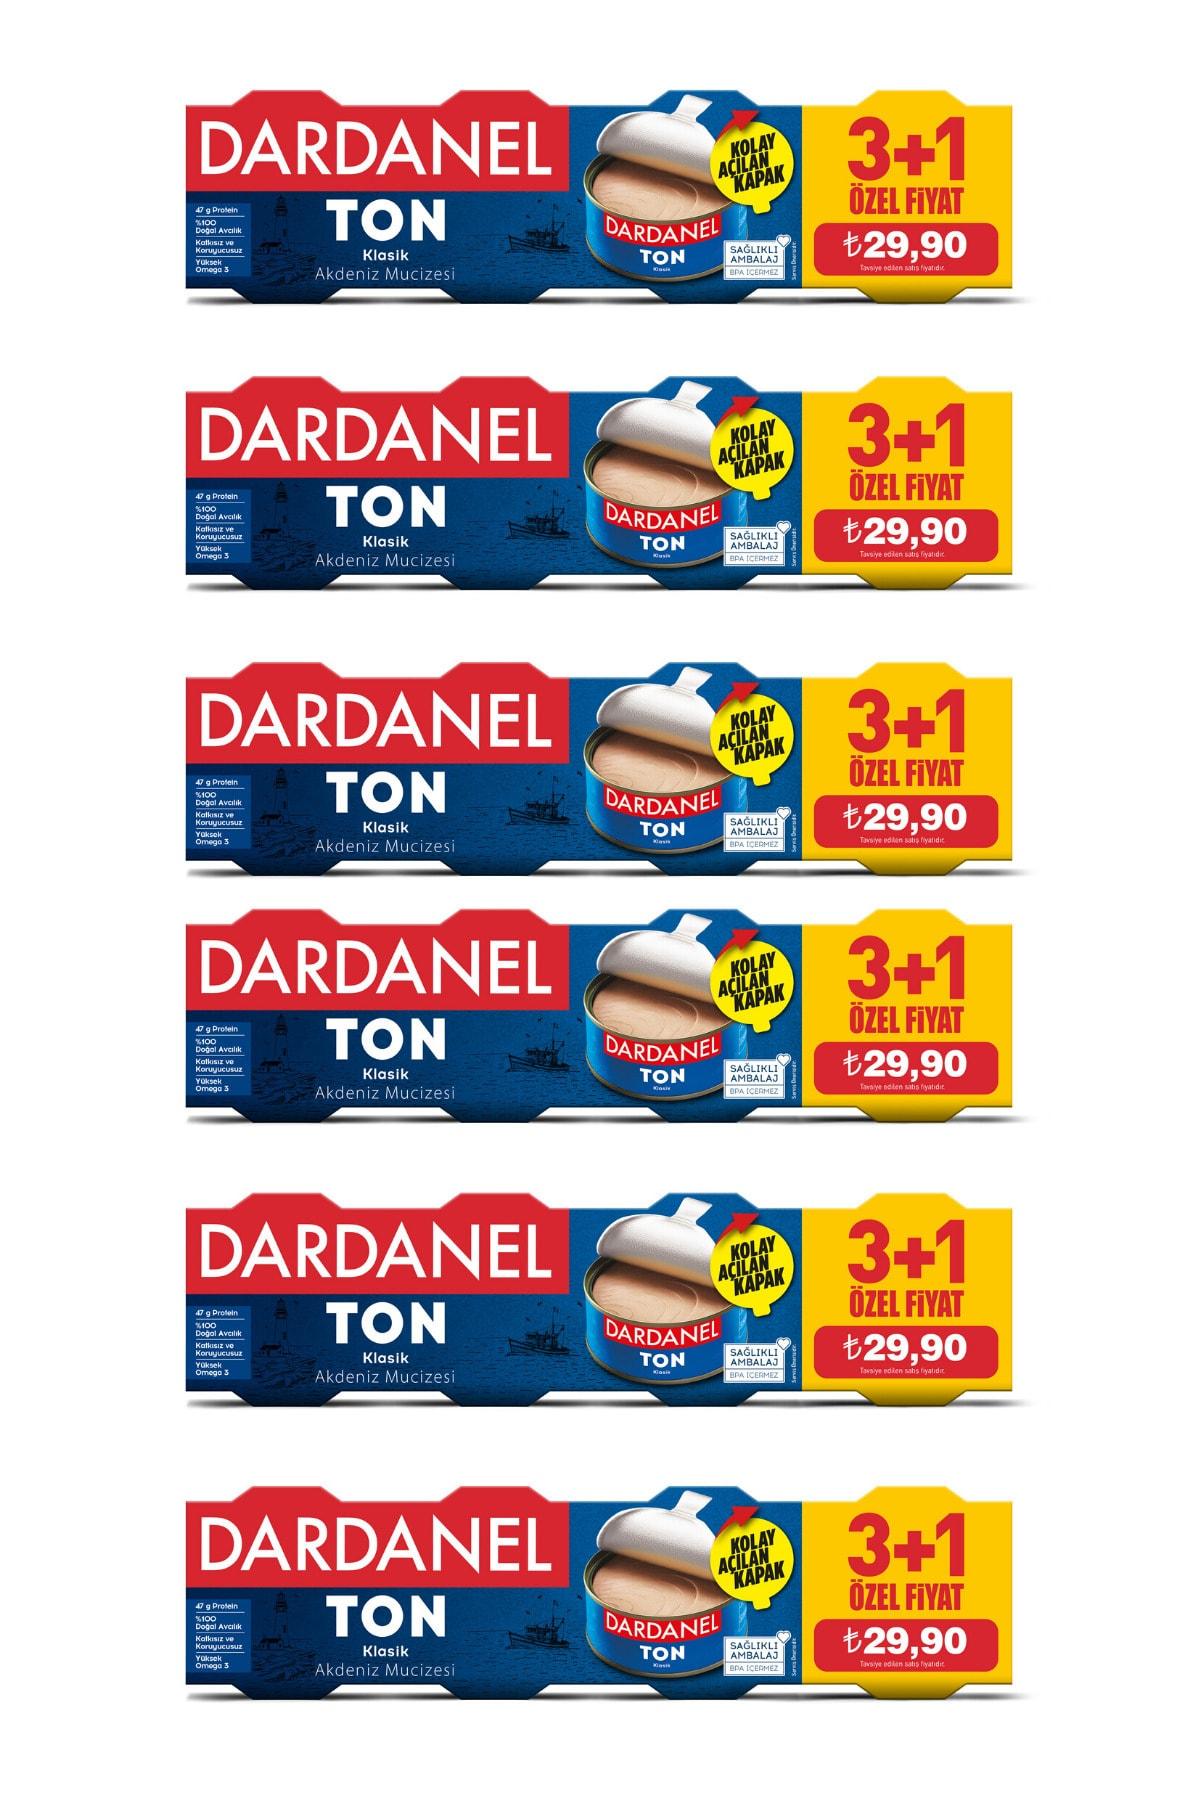 Dardanel 75 gr x 4 Ton Balığı (3+1) 6'lı Paket 1